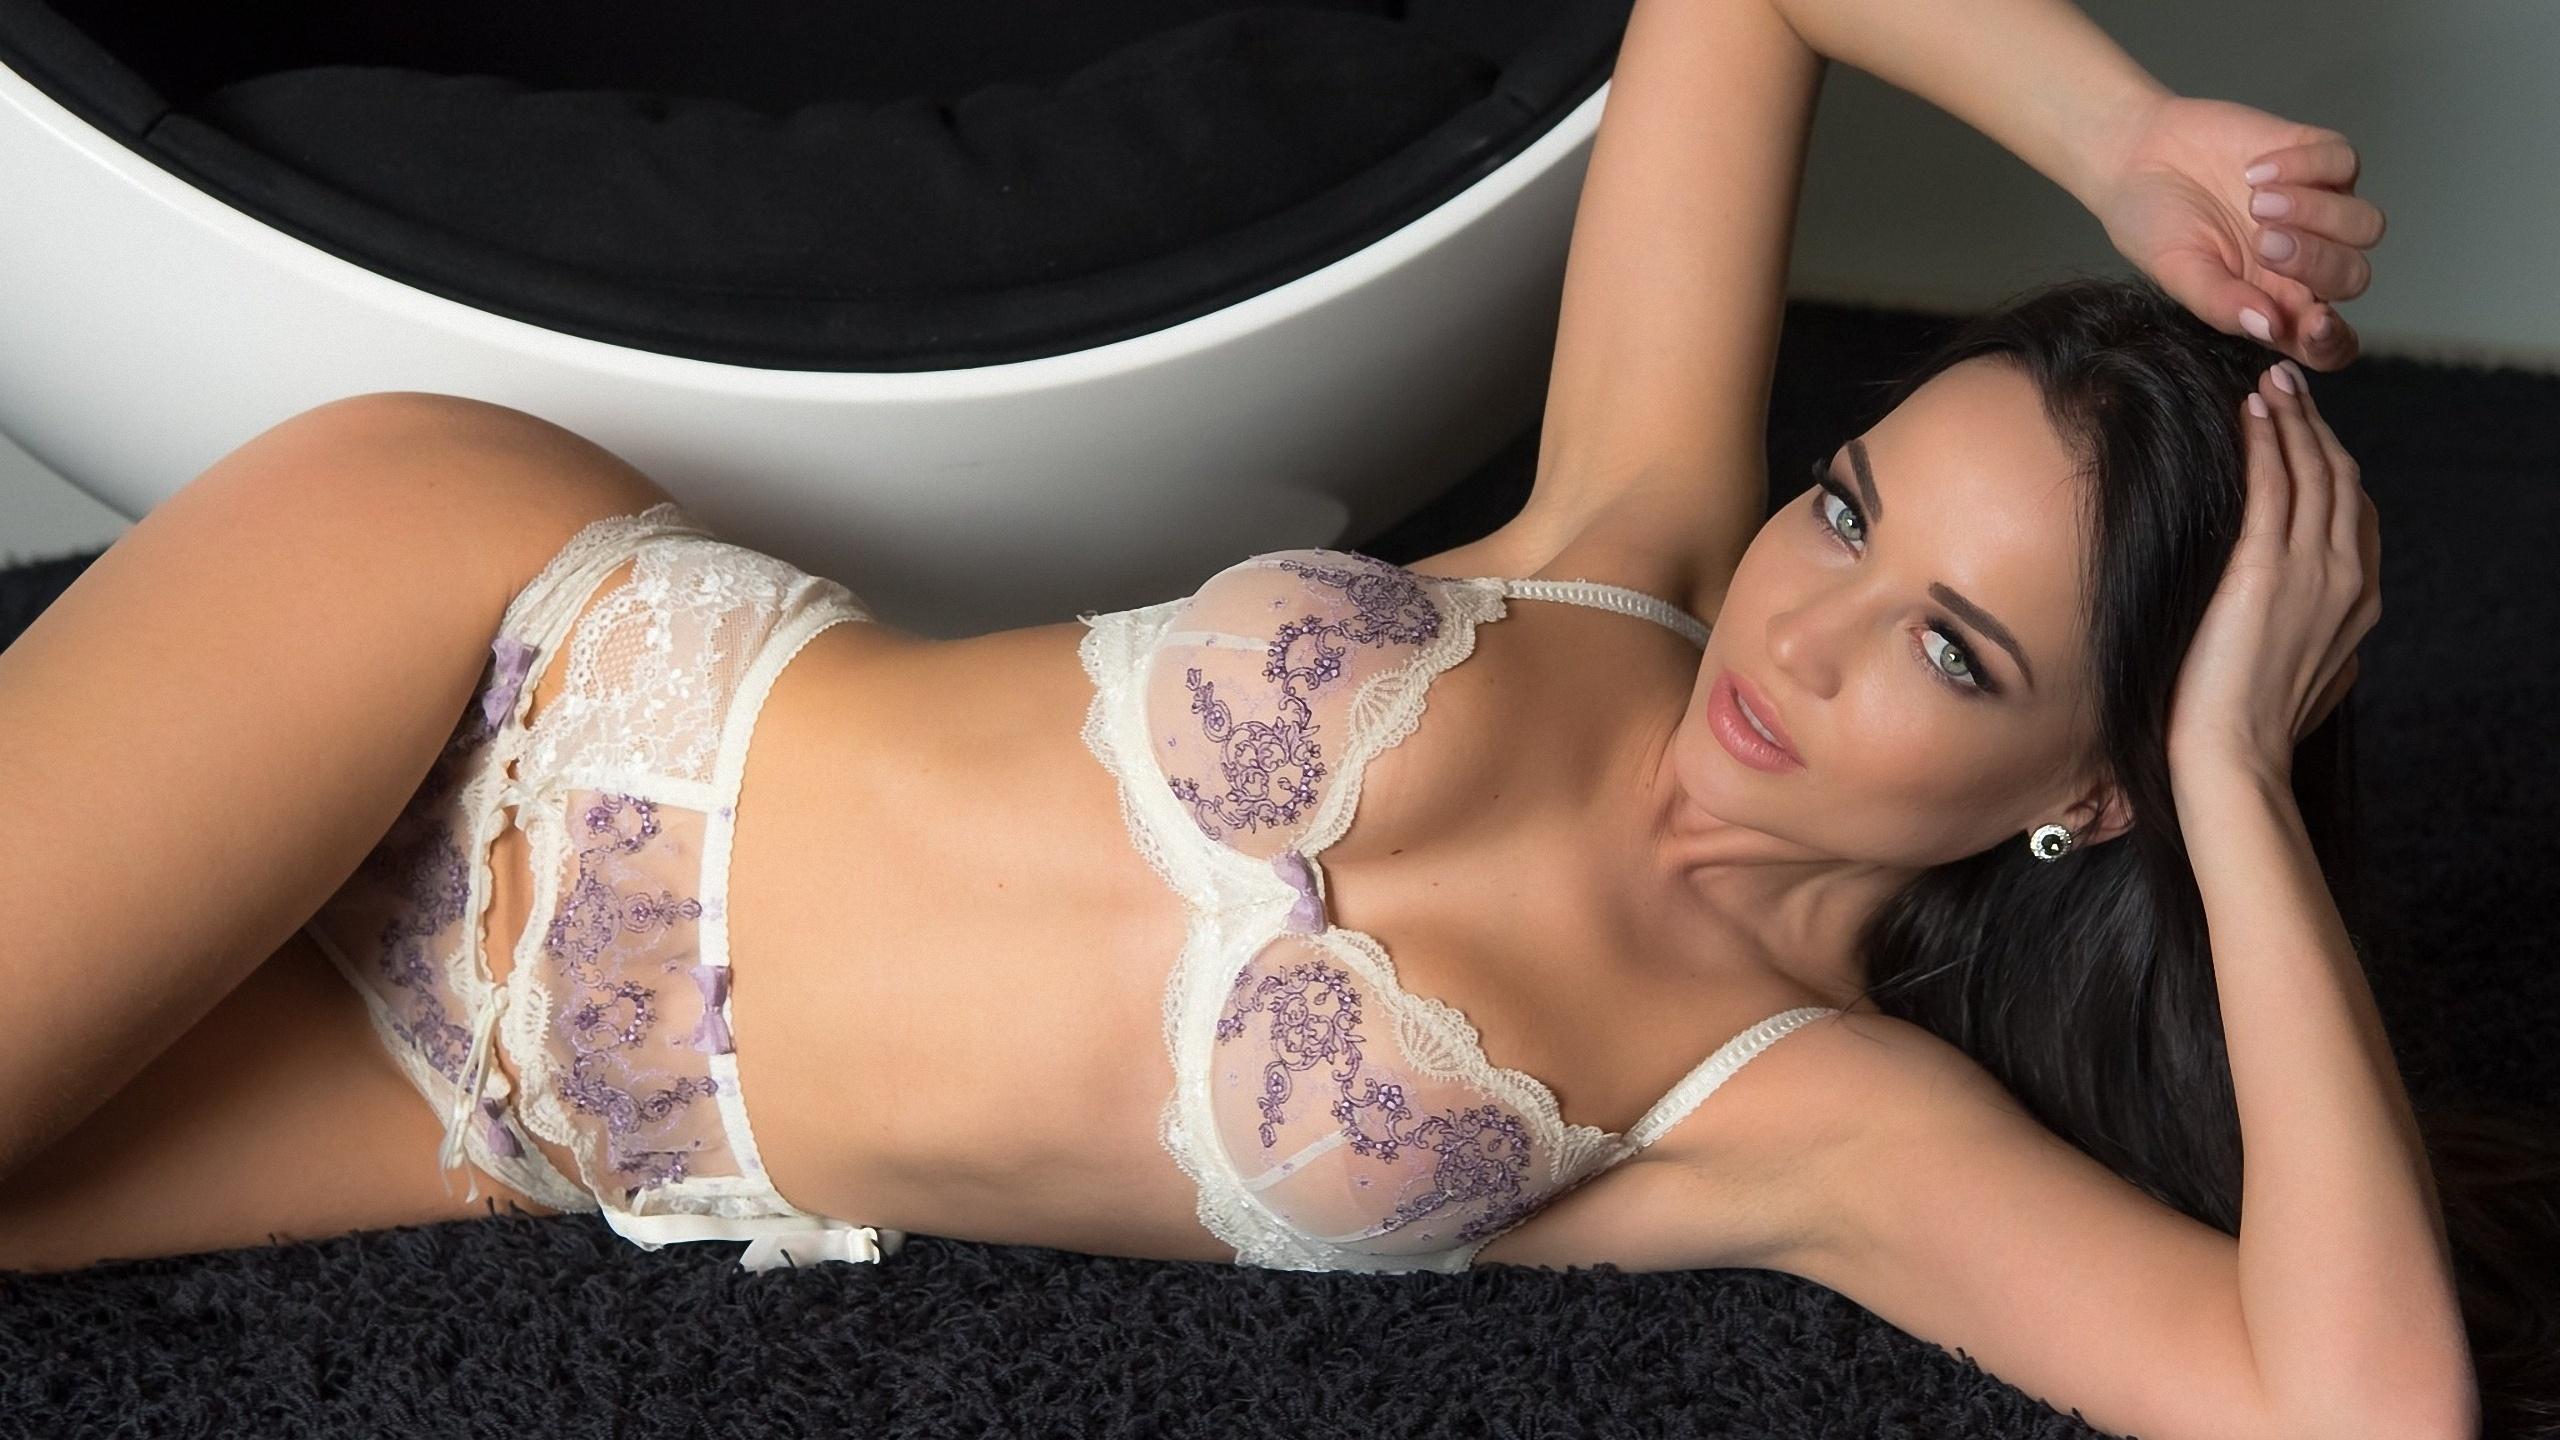 3d39bb68fec9 Kvinder model Angelina Petrova lingeri se gennem tøj hvidt lingeri  hofteholder trusser bh